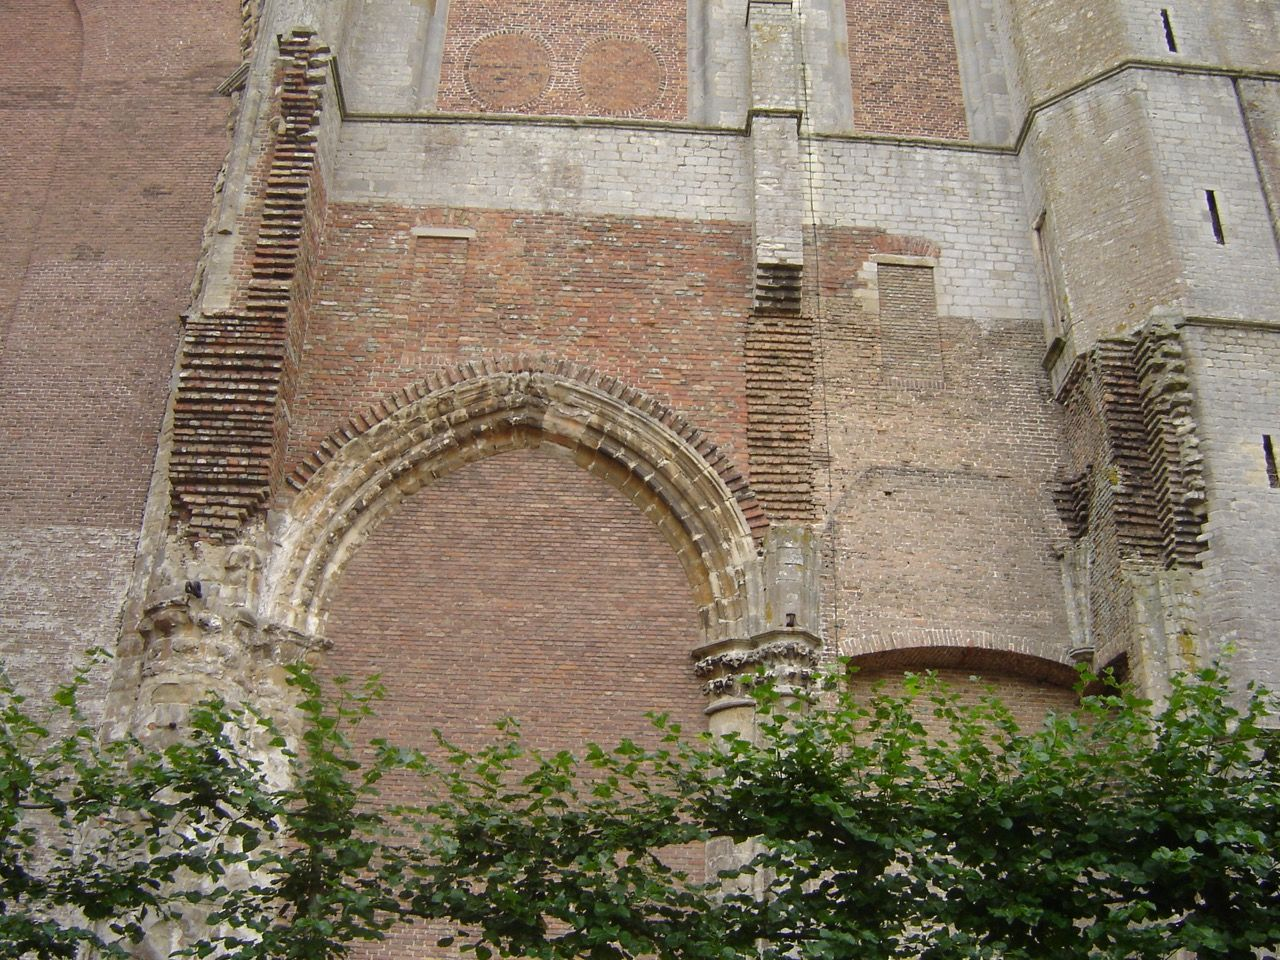 In het muurwerk van de oostgevel is nog de plaats aan te wijzen van de noordbeuk, de Schotse kerk, die in 1837 werd afgebroken. (Foto Tiny Polderman)